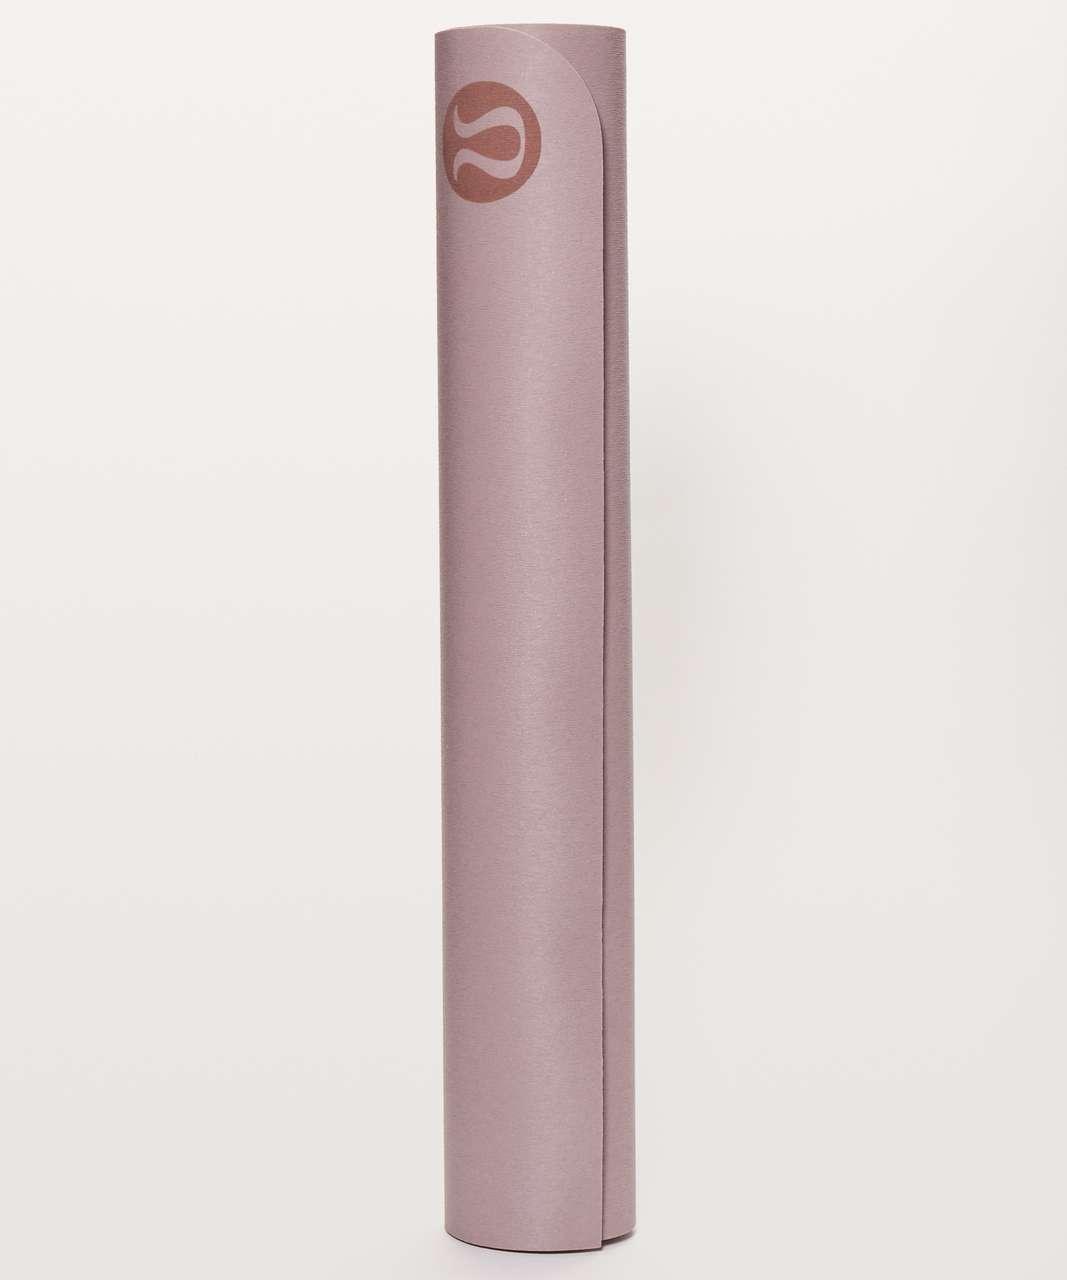 Lululemon Namastay Mat - Misty Mauve / Porcelain Pink